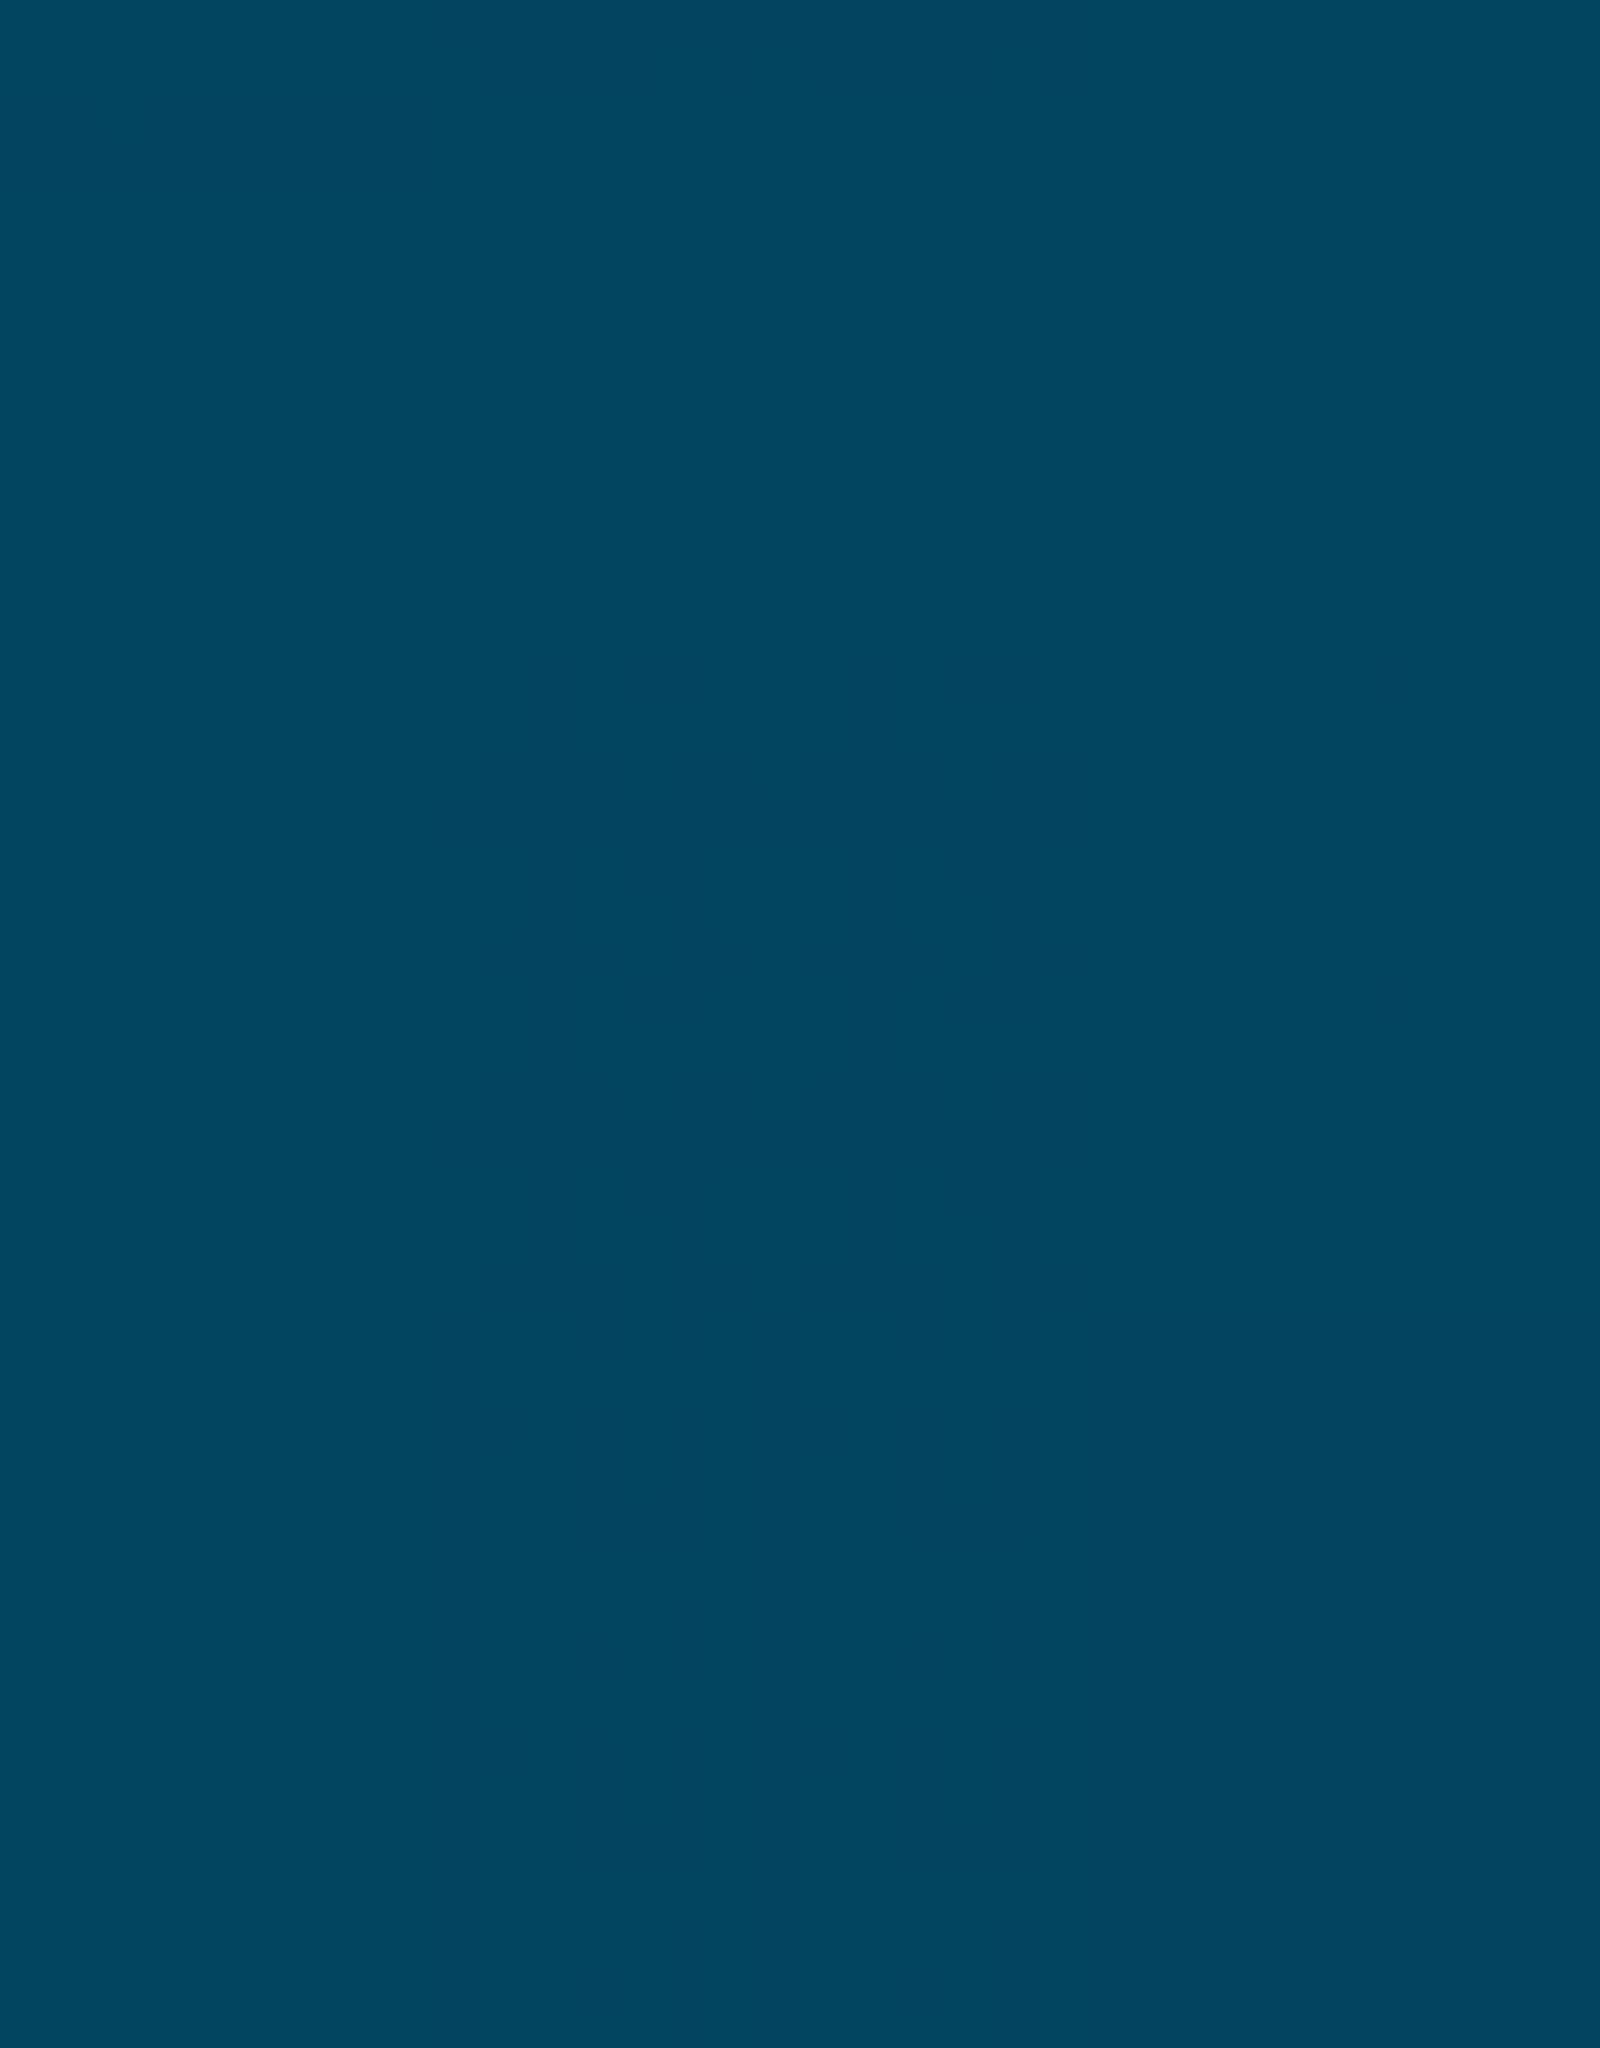 Siser Flexfolie Medium Blue